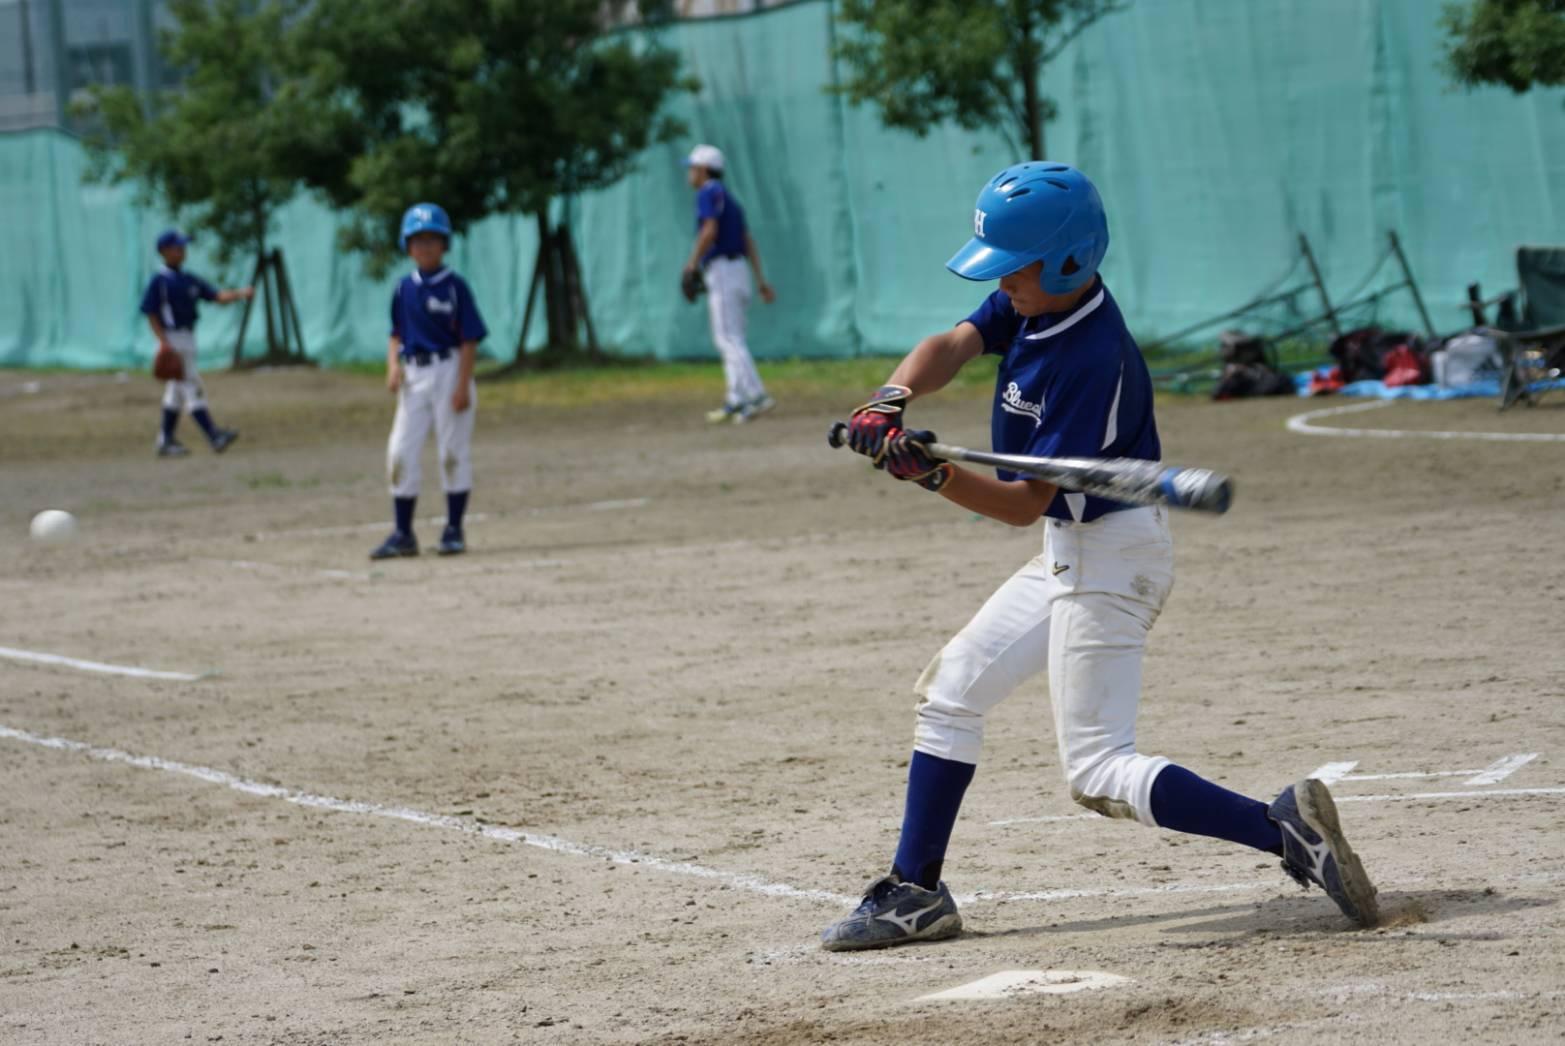 6月29日練習試合結果です!vs信江スポーツ少年団さん_b0095176_08353549.jpeg